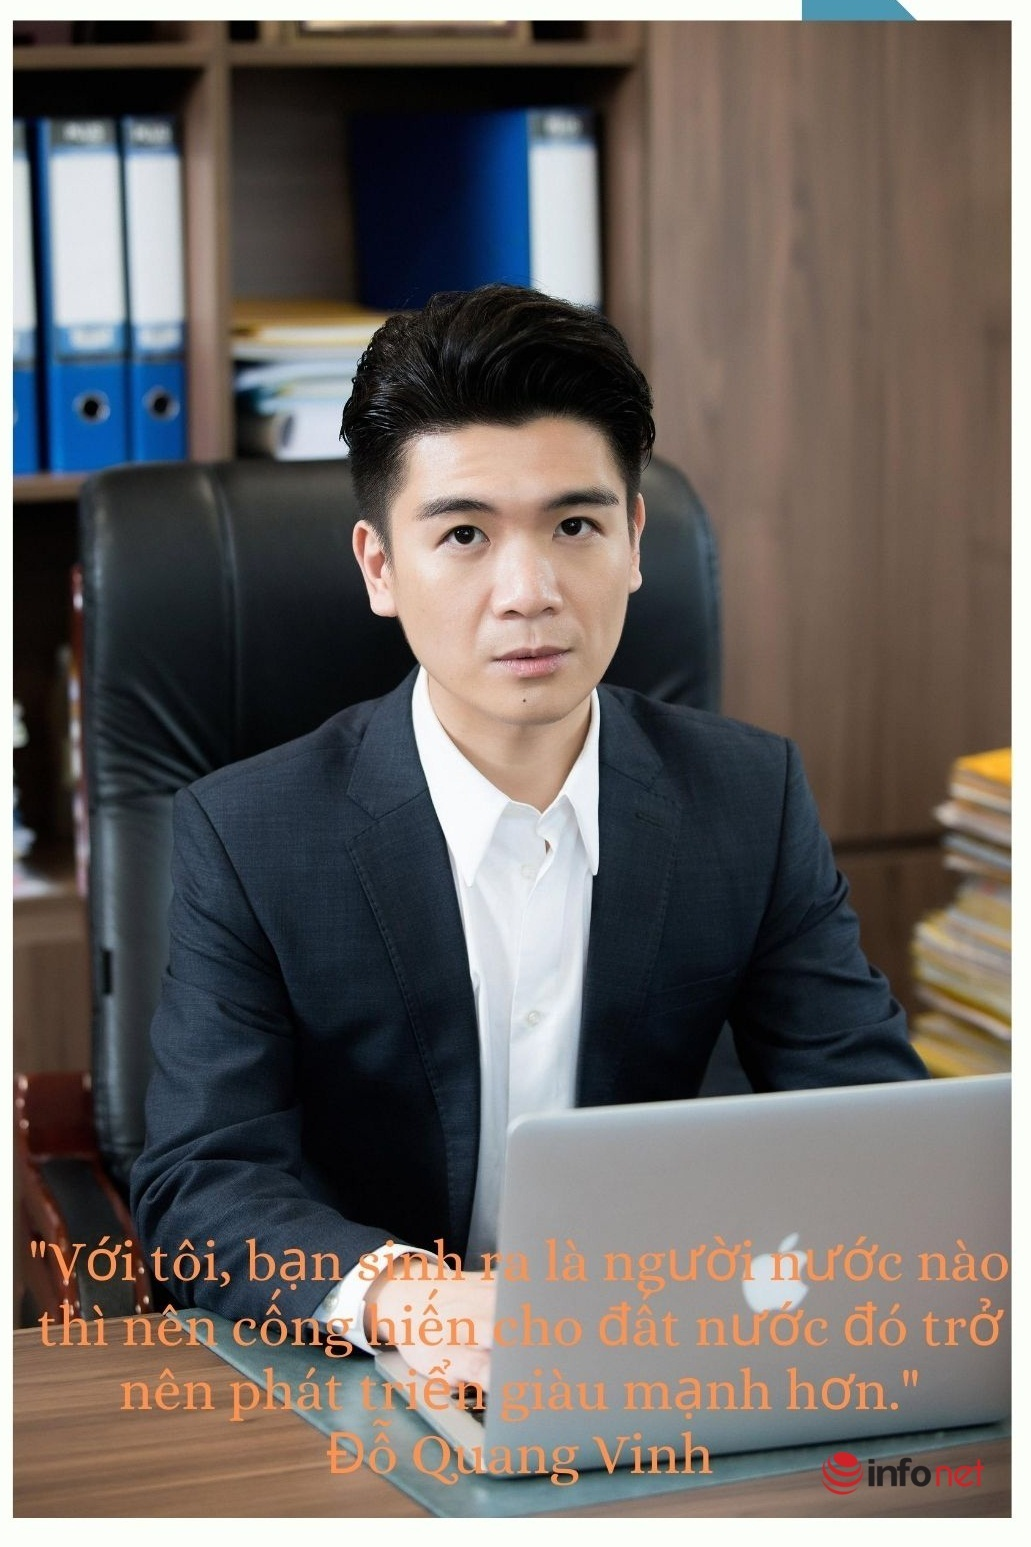 Đỗ Quang Vinh - từ rich kid bồi bàn đến ông chủ: Tôi không cần sự đặc cách nào cả